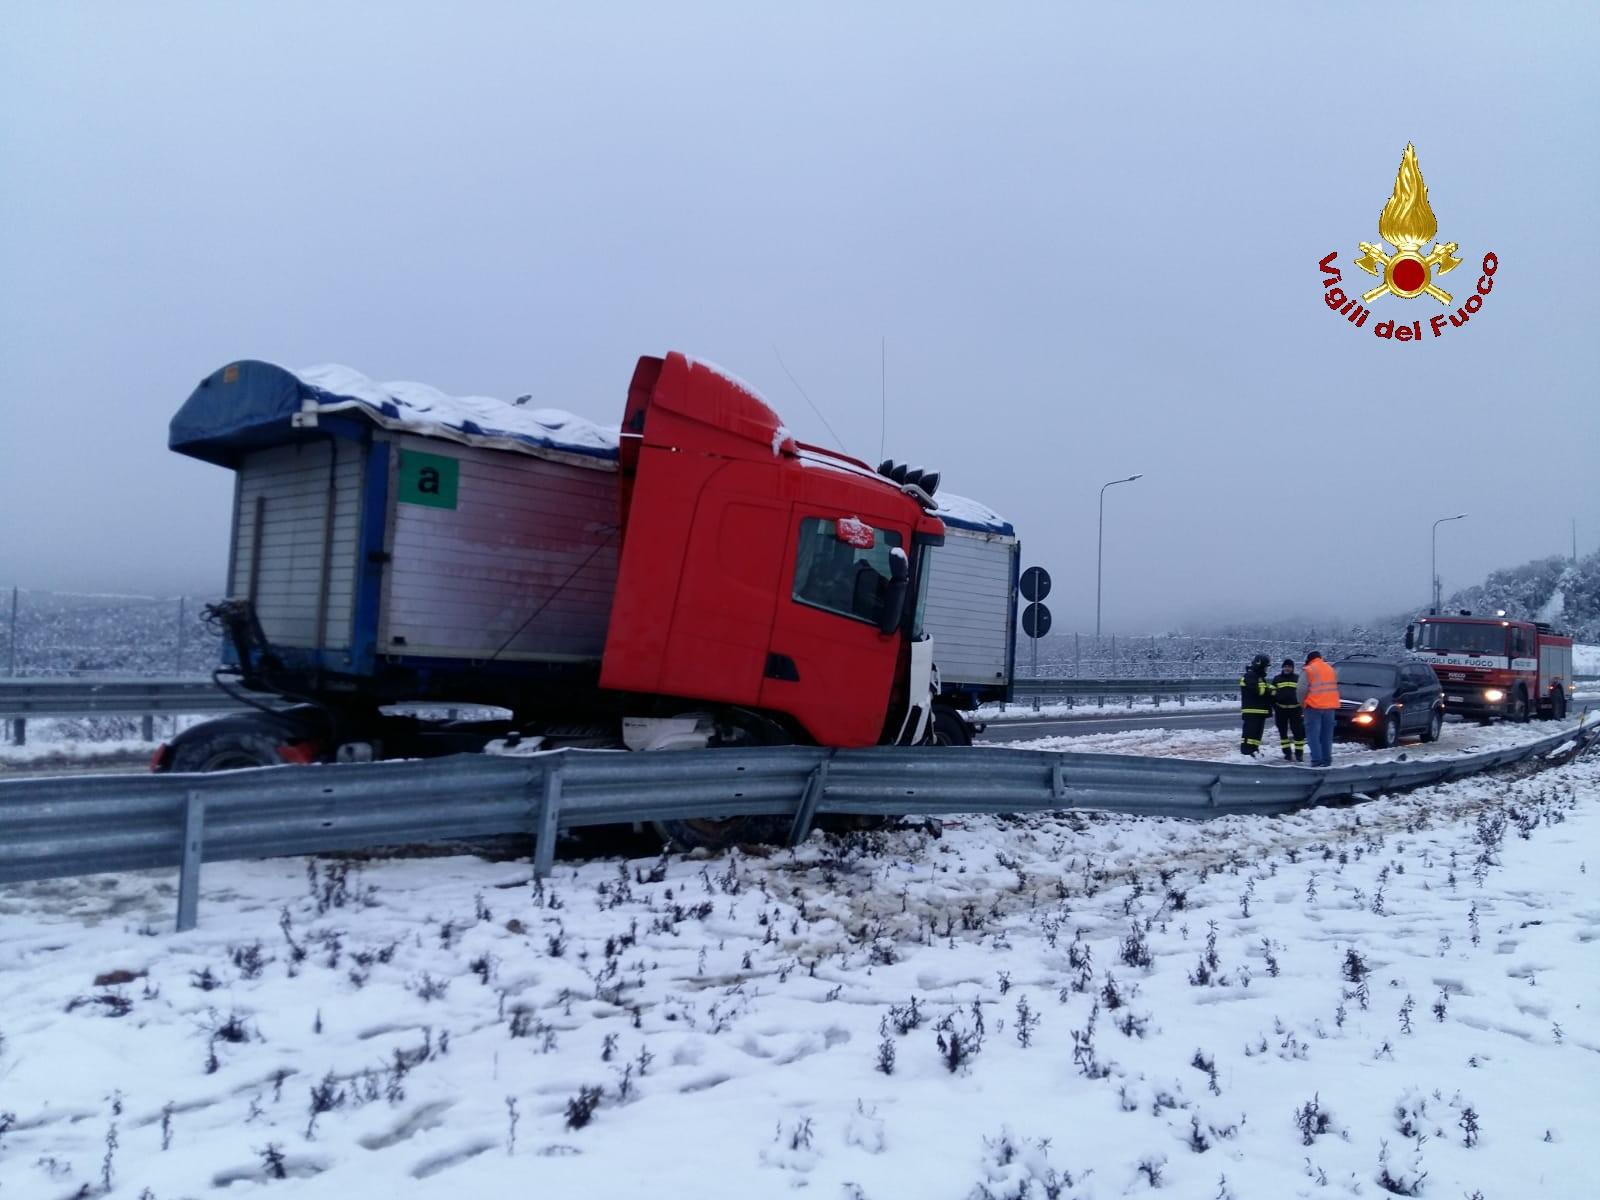 Neve: strade in tilt, mezzi pesanti bloccati e automobilisti in difficoltà